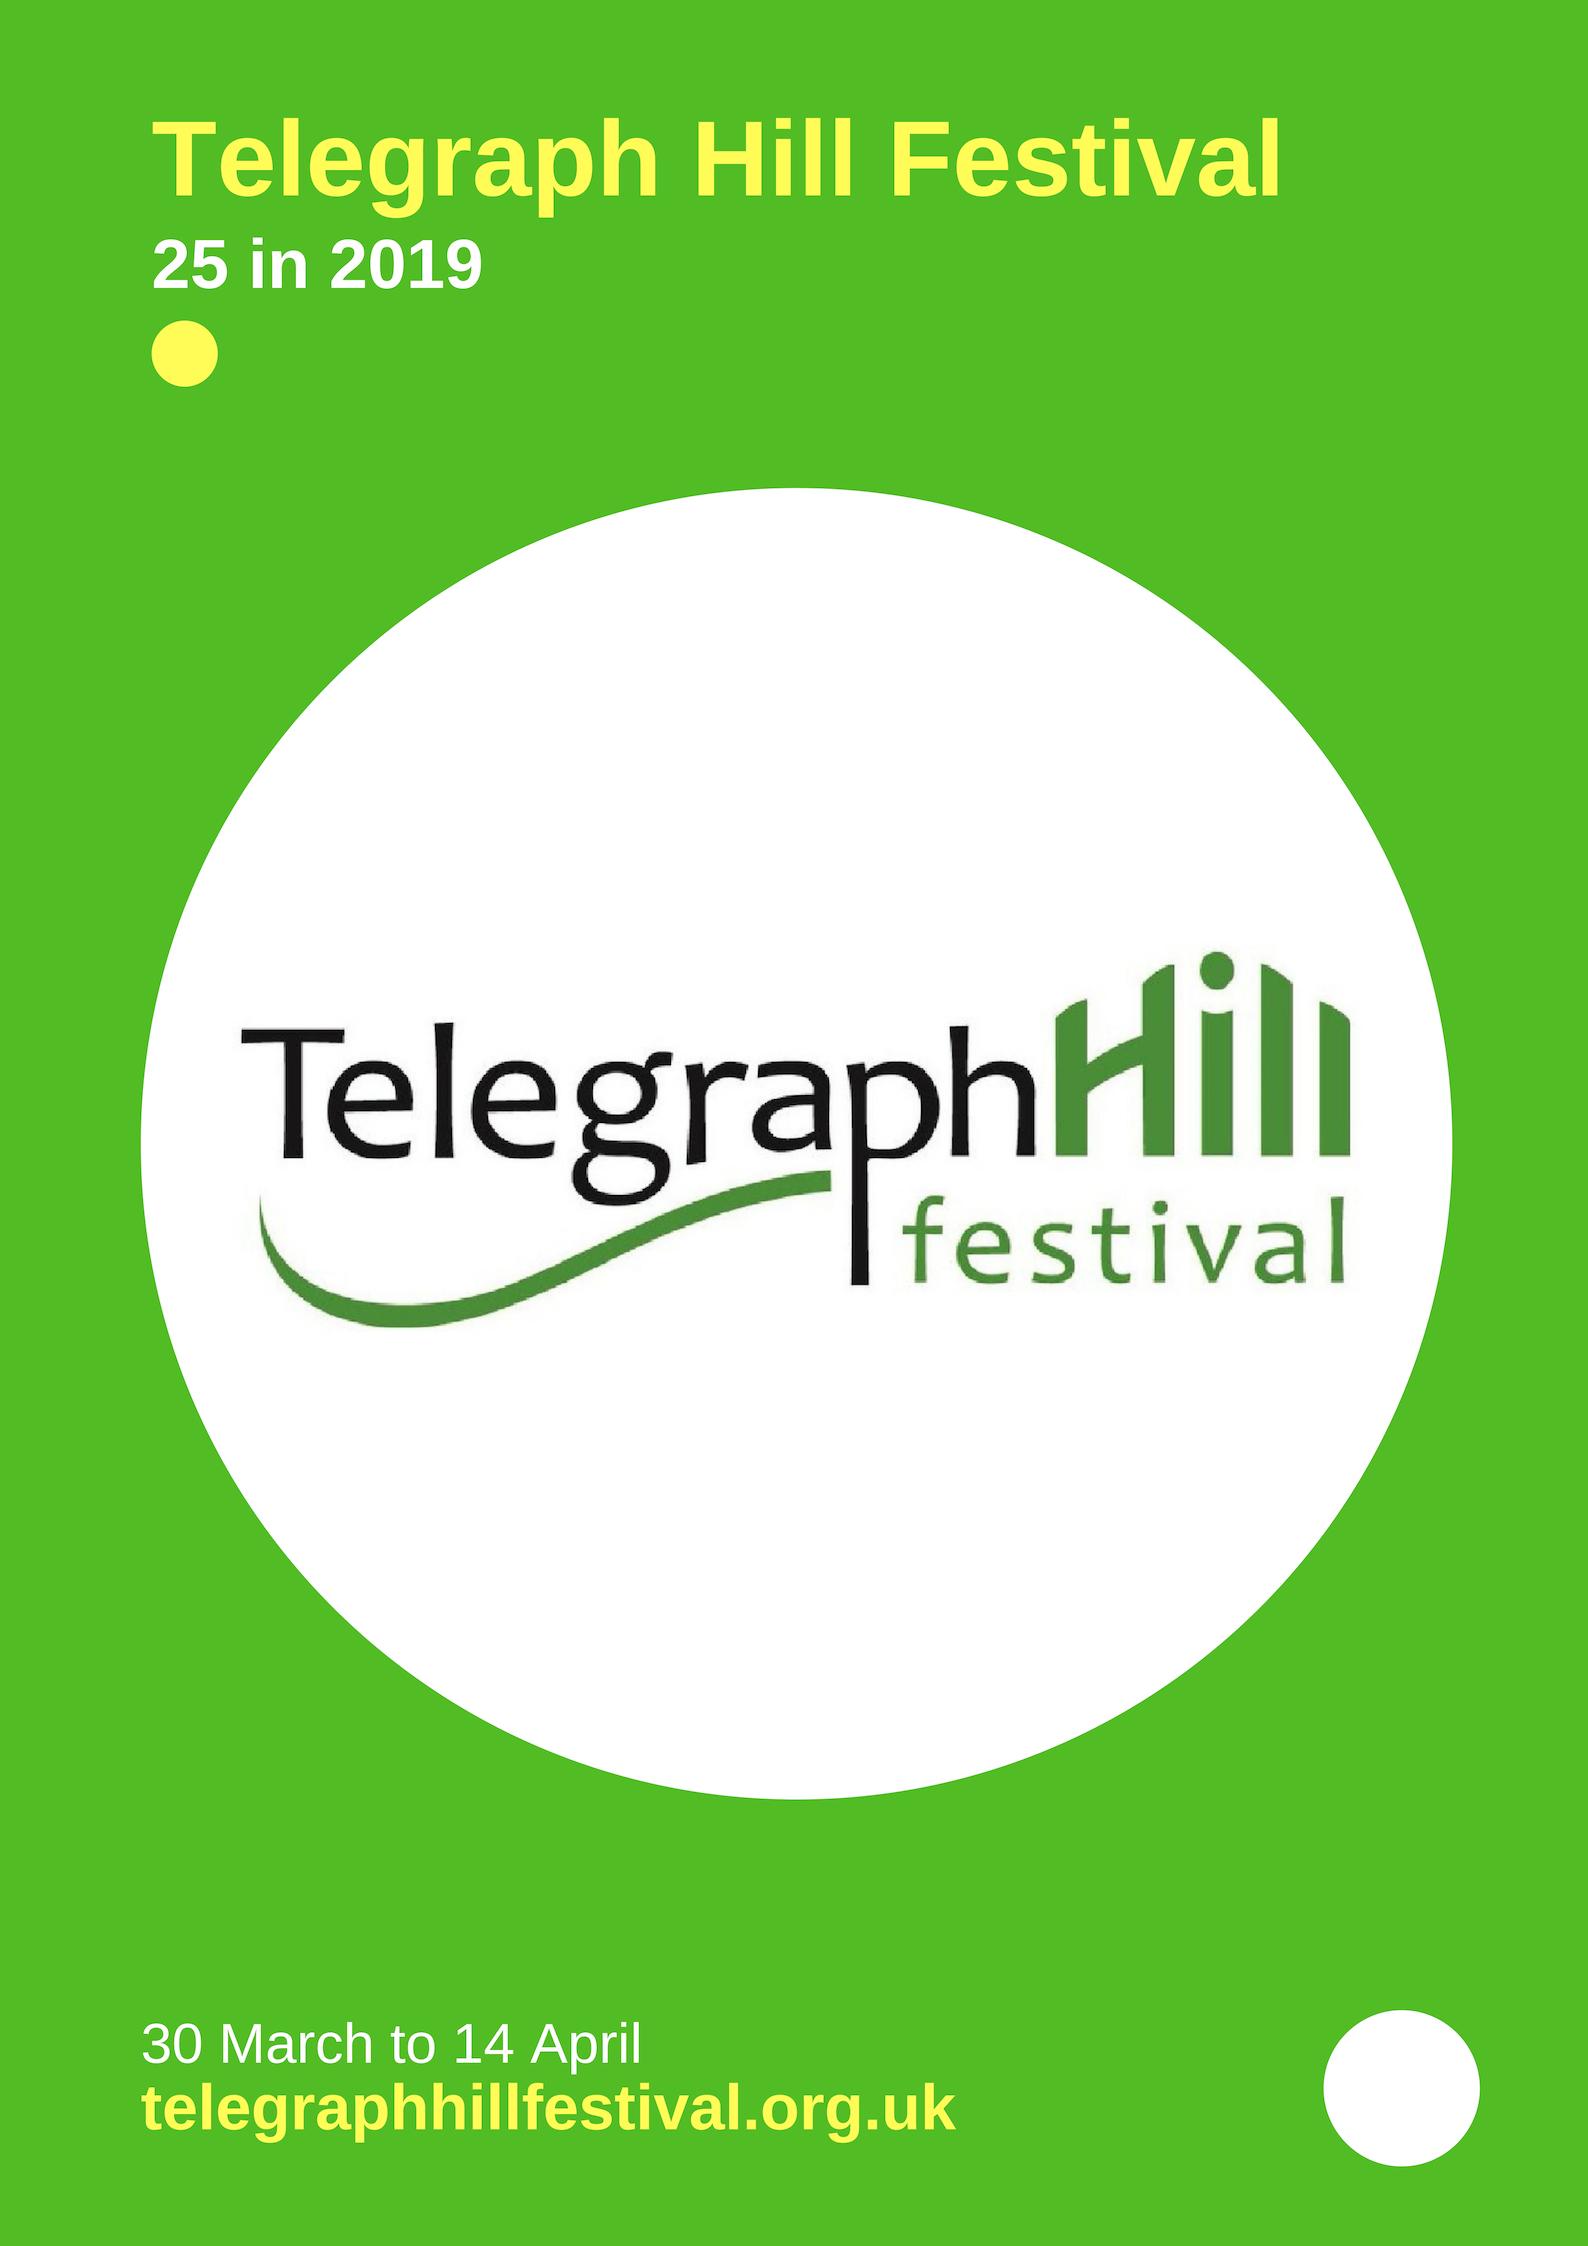 Telegraph Hill Festival 2019